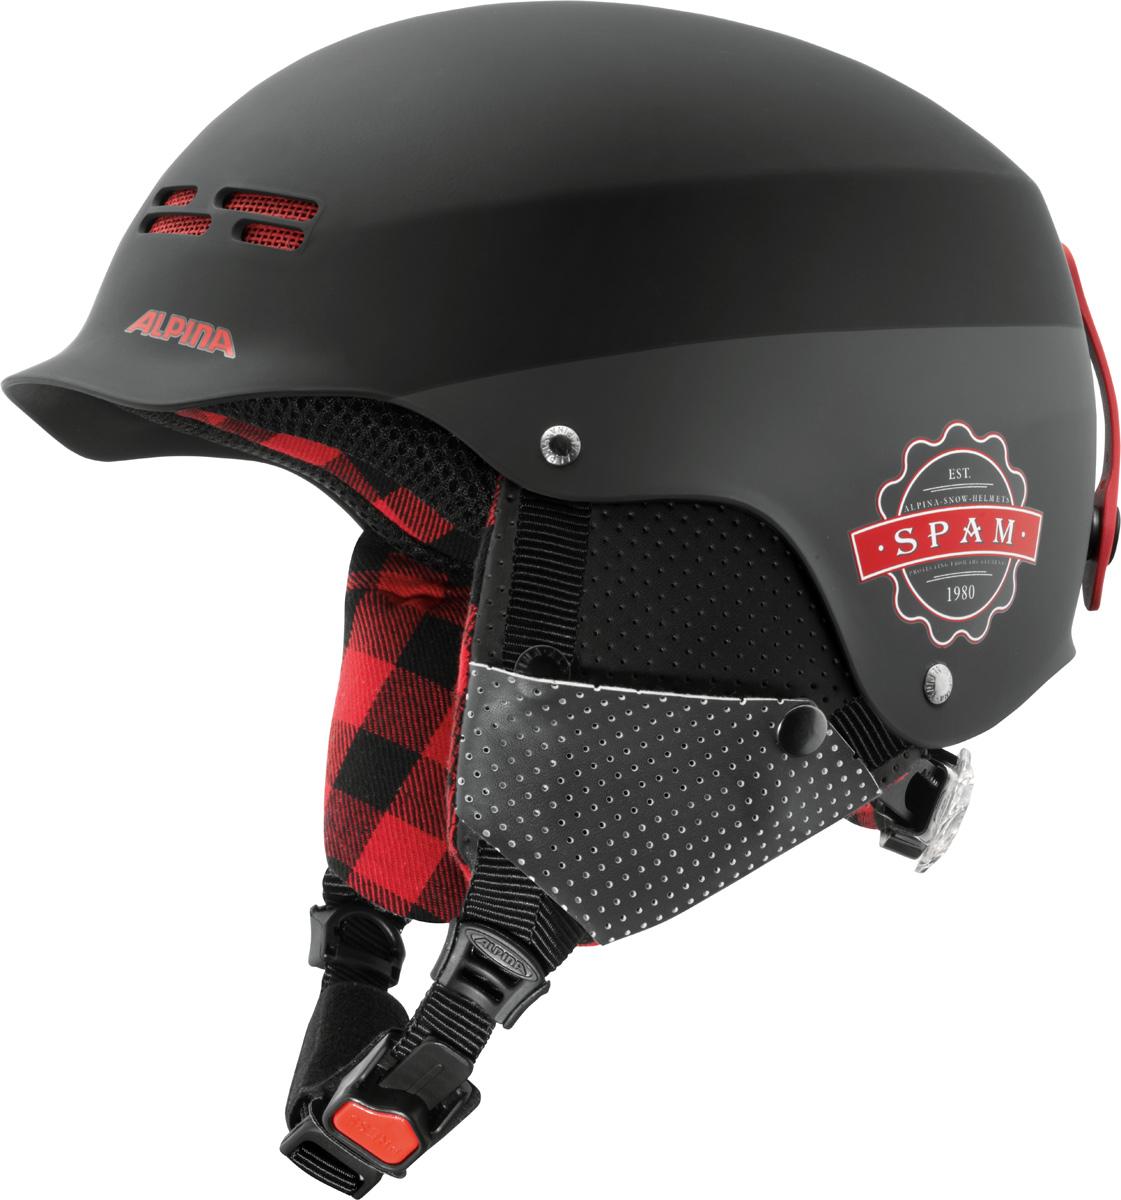 Шлем горнолыжный Alpina SPAM CAP JR black-lumberjack matt. Размер 51-54A9064_31Версия знаменитого шлема, созданная специально для детей. Обладает теми же характеристиками, что и старшая модель.Технологии:HARD SHELL - сочетание ударопрочного внешней оболочки (ABS пластик или поликарбонат) и утепляющей внутренней оболочки (EPS) гарантирует максимальную безопасность.RUN SYSTEM ERGO SNOW – гибкая система настройки шлема, оснащённая удобной ручкой, оснащенная двумя дополнительными подушками-уплотнителями для сокращения давления.VENTING SYSTEM – особые вентиляционные отверстия для отведения излишнего тепла и поддержания оптимальной температуры.REMOVABLE EARPADS - съемные амбушюры добавляют чувства свободы во время катания в теплую погоду, не в ущерб безопасности. При падении температуры, амбушюры легко устанавливаются обратно на шлем.